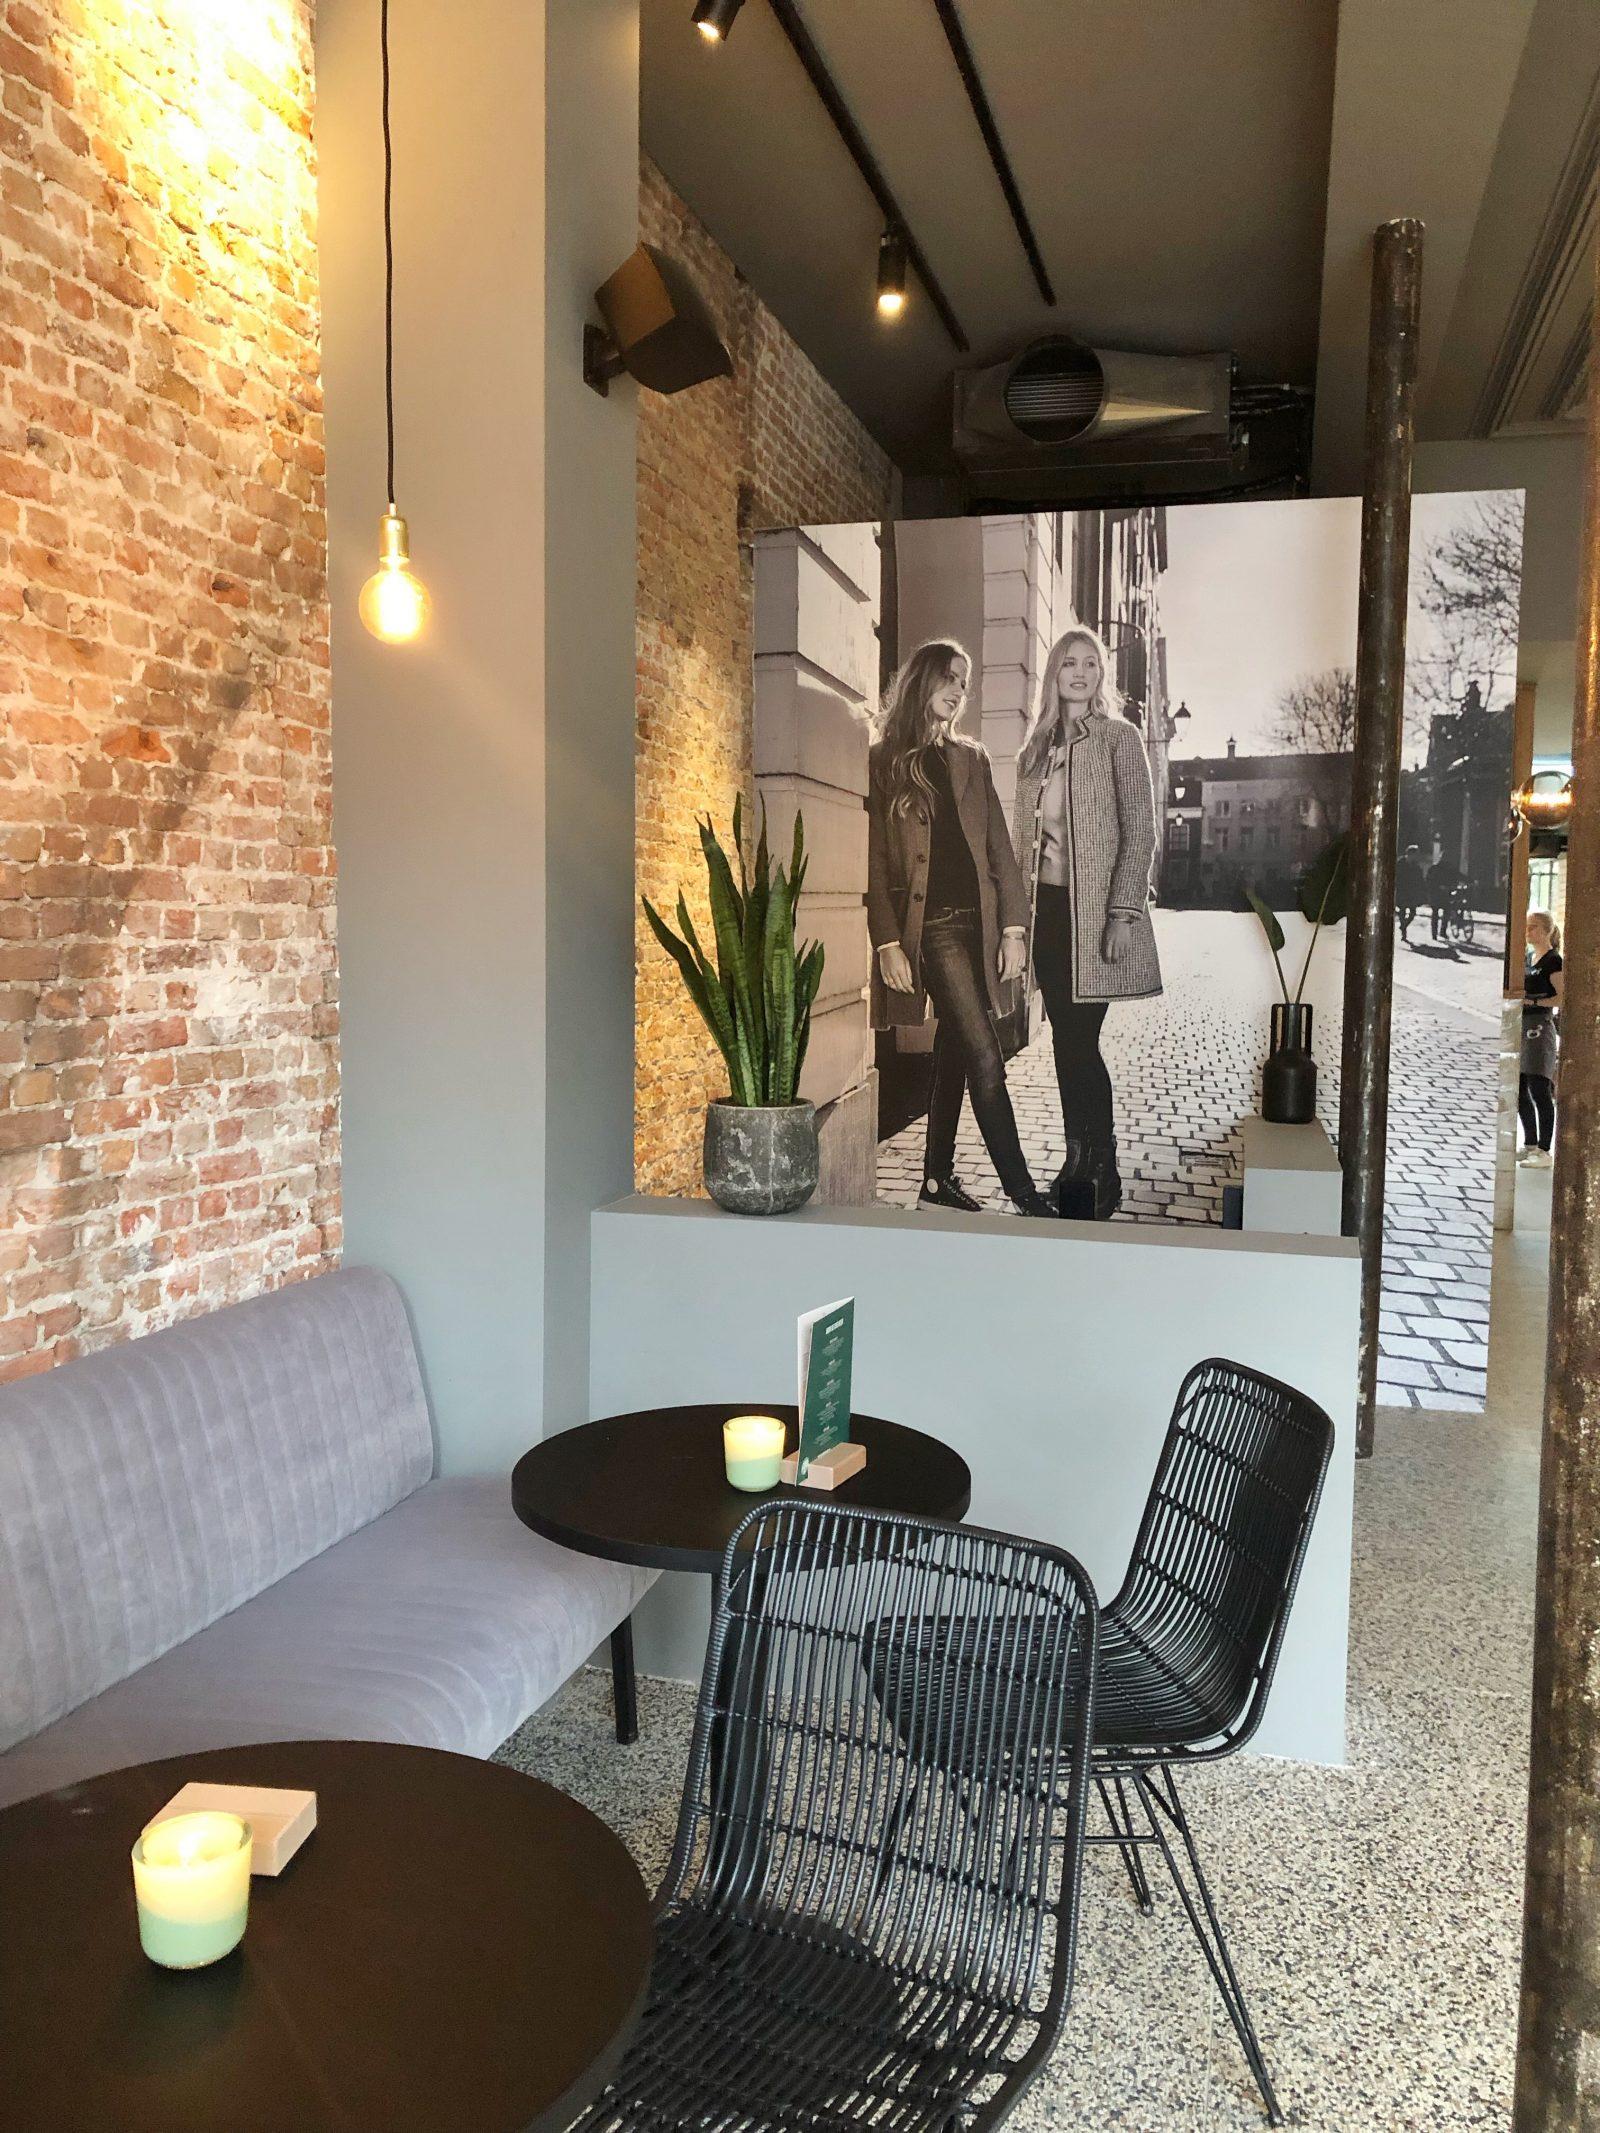 Hotspot: Anne & Max in Breda